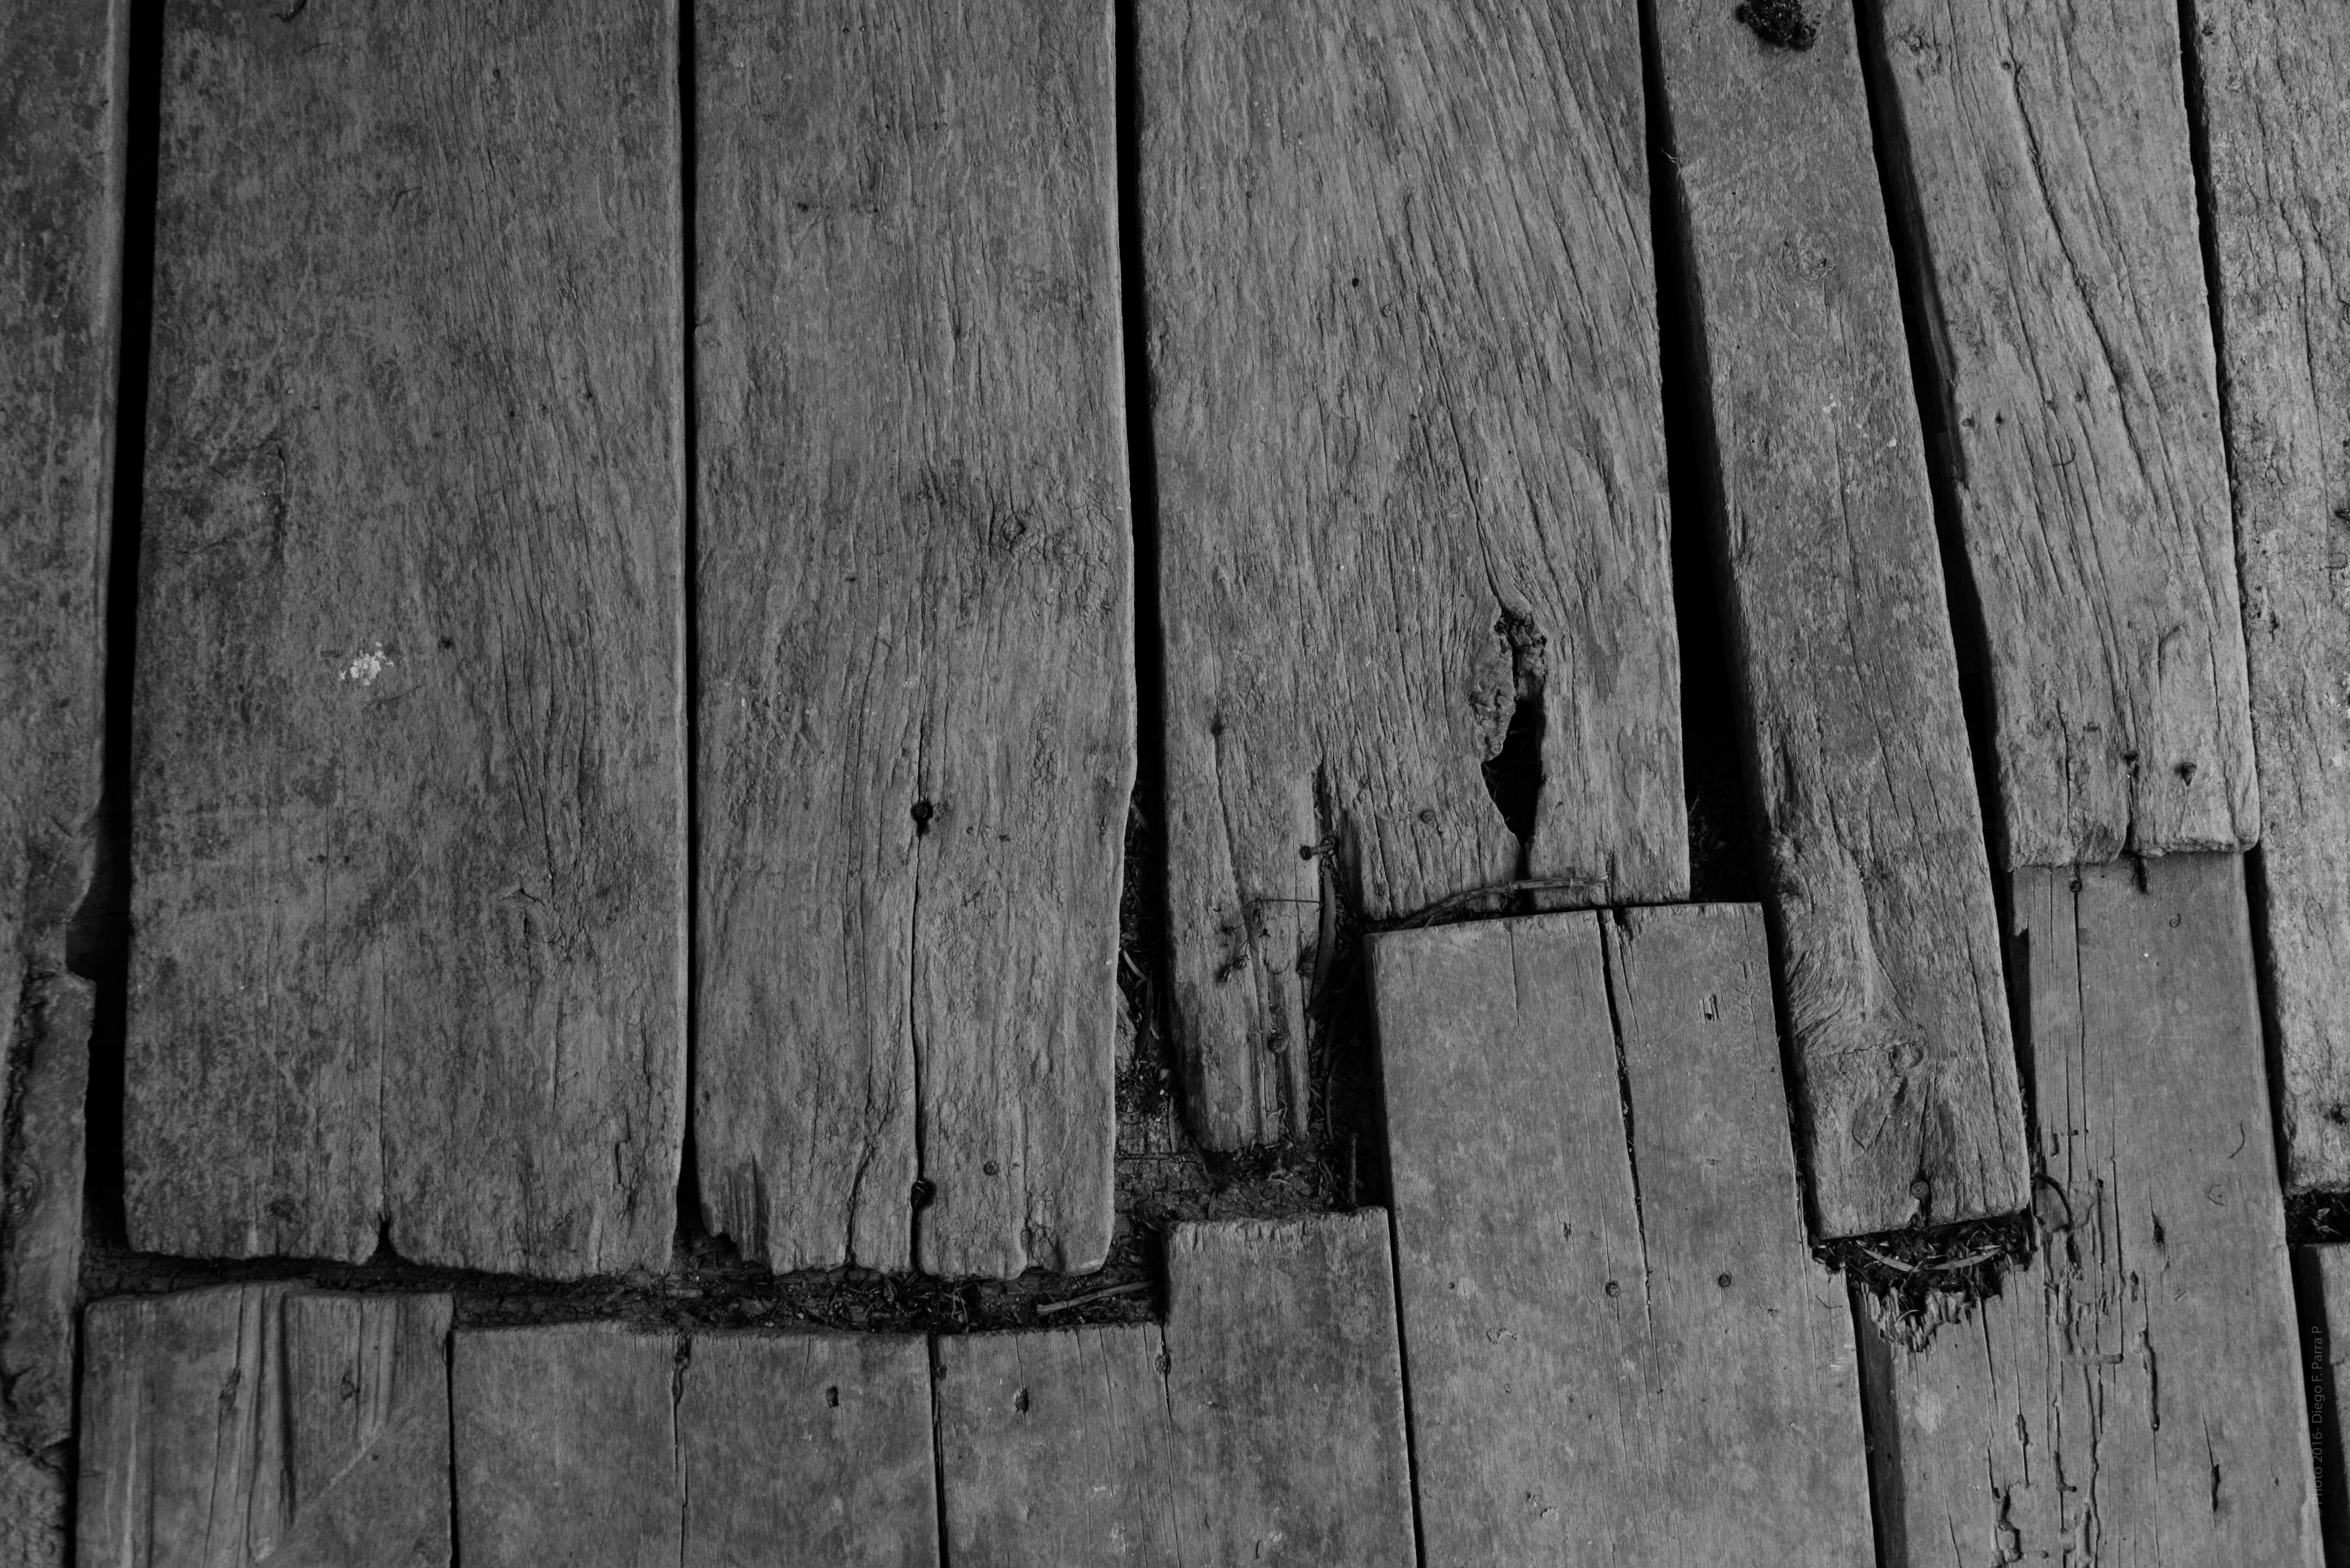 La Plinthe Du Mur images gratuites : table, arbre, branche, noir et blanc